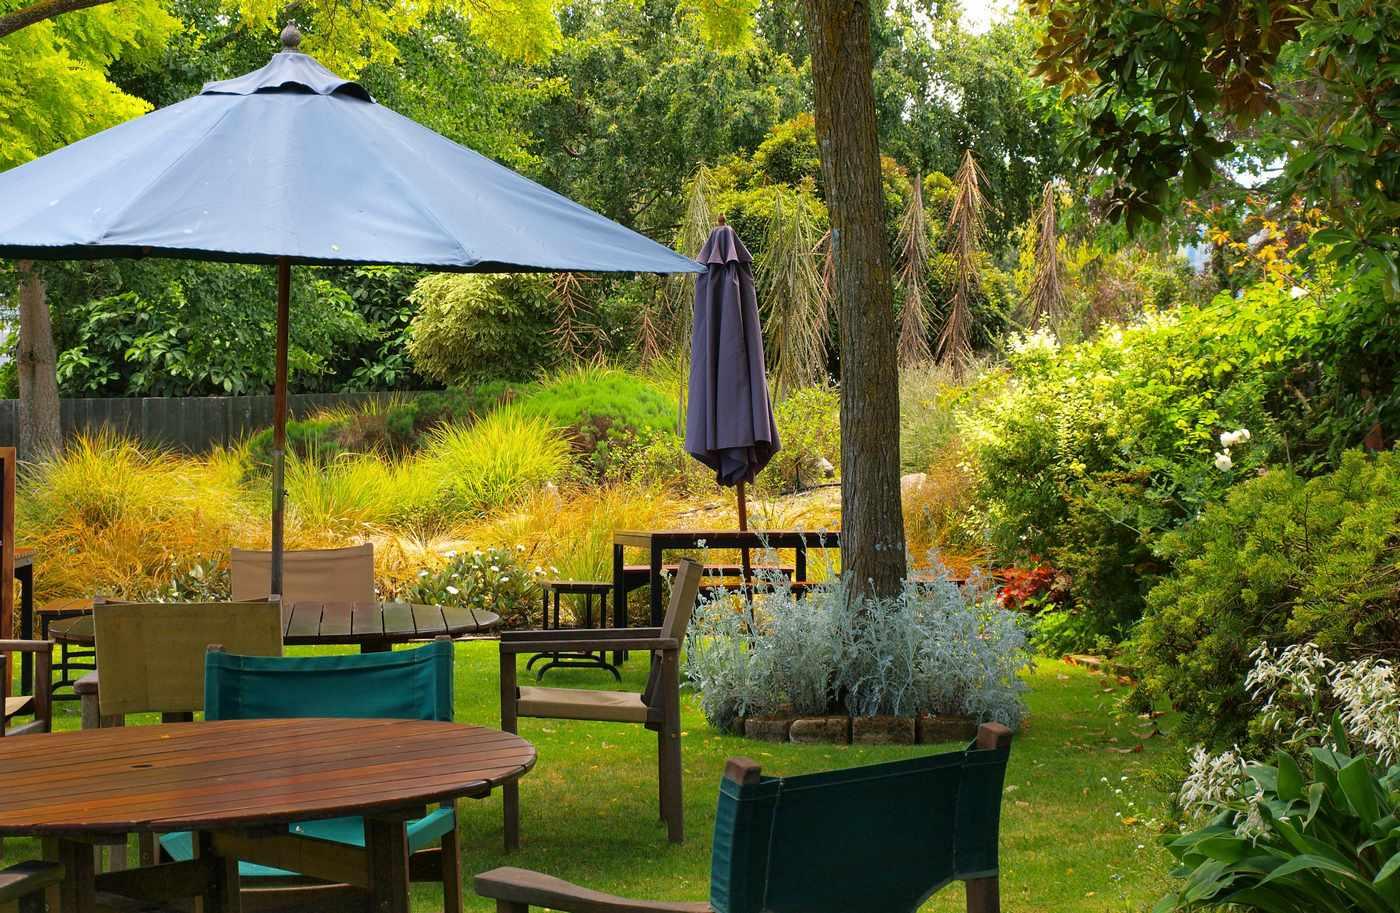 Πώς επιλέγω την κατάλληλη ομπρέλα για τον κήπο μου;